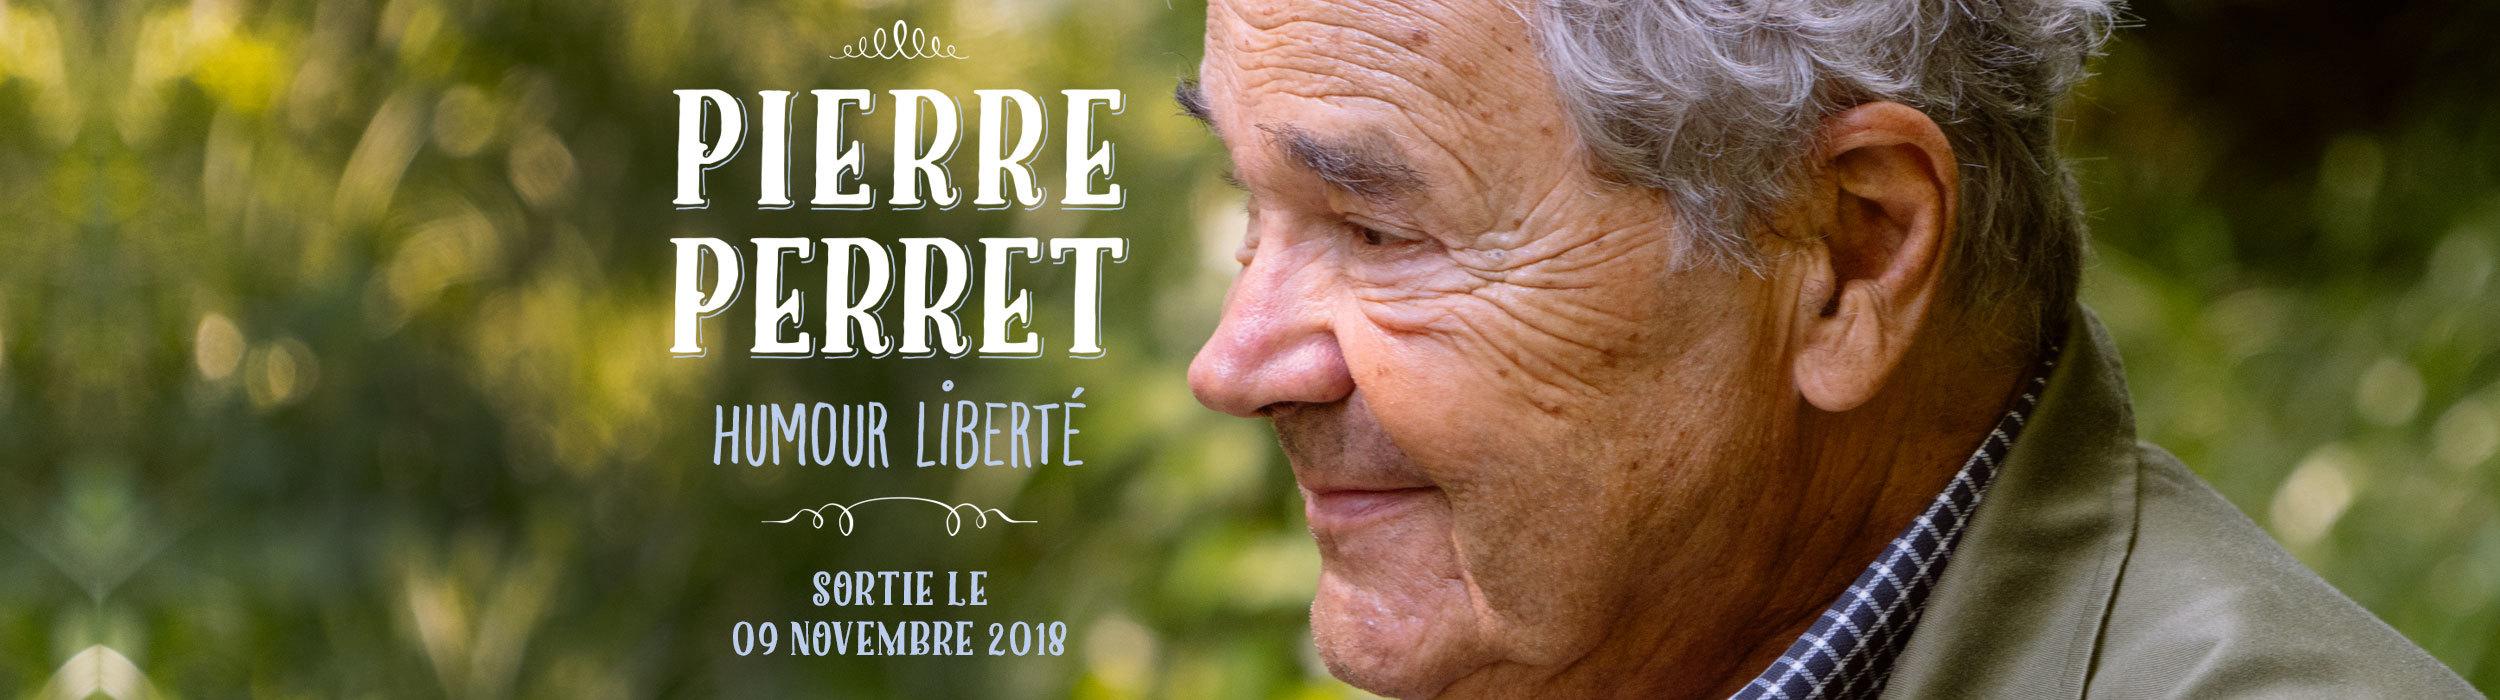 Humour Liberté